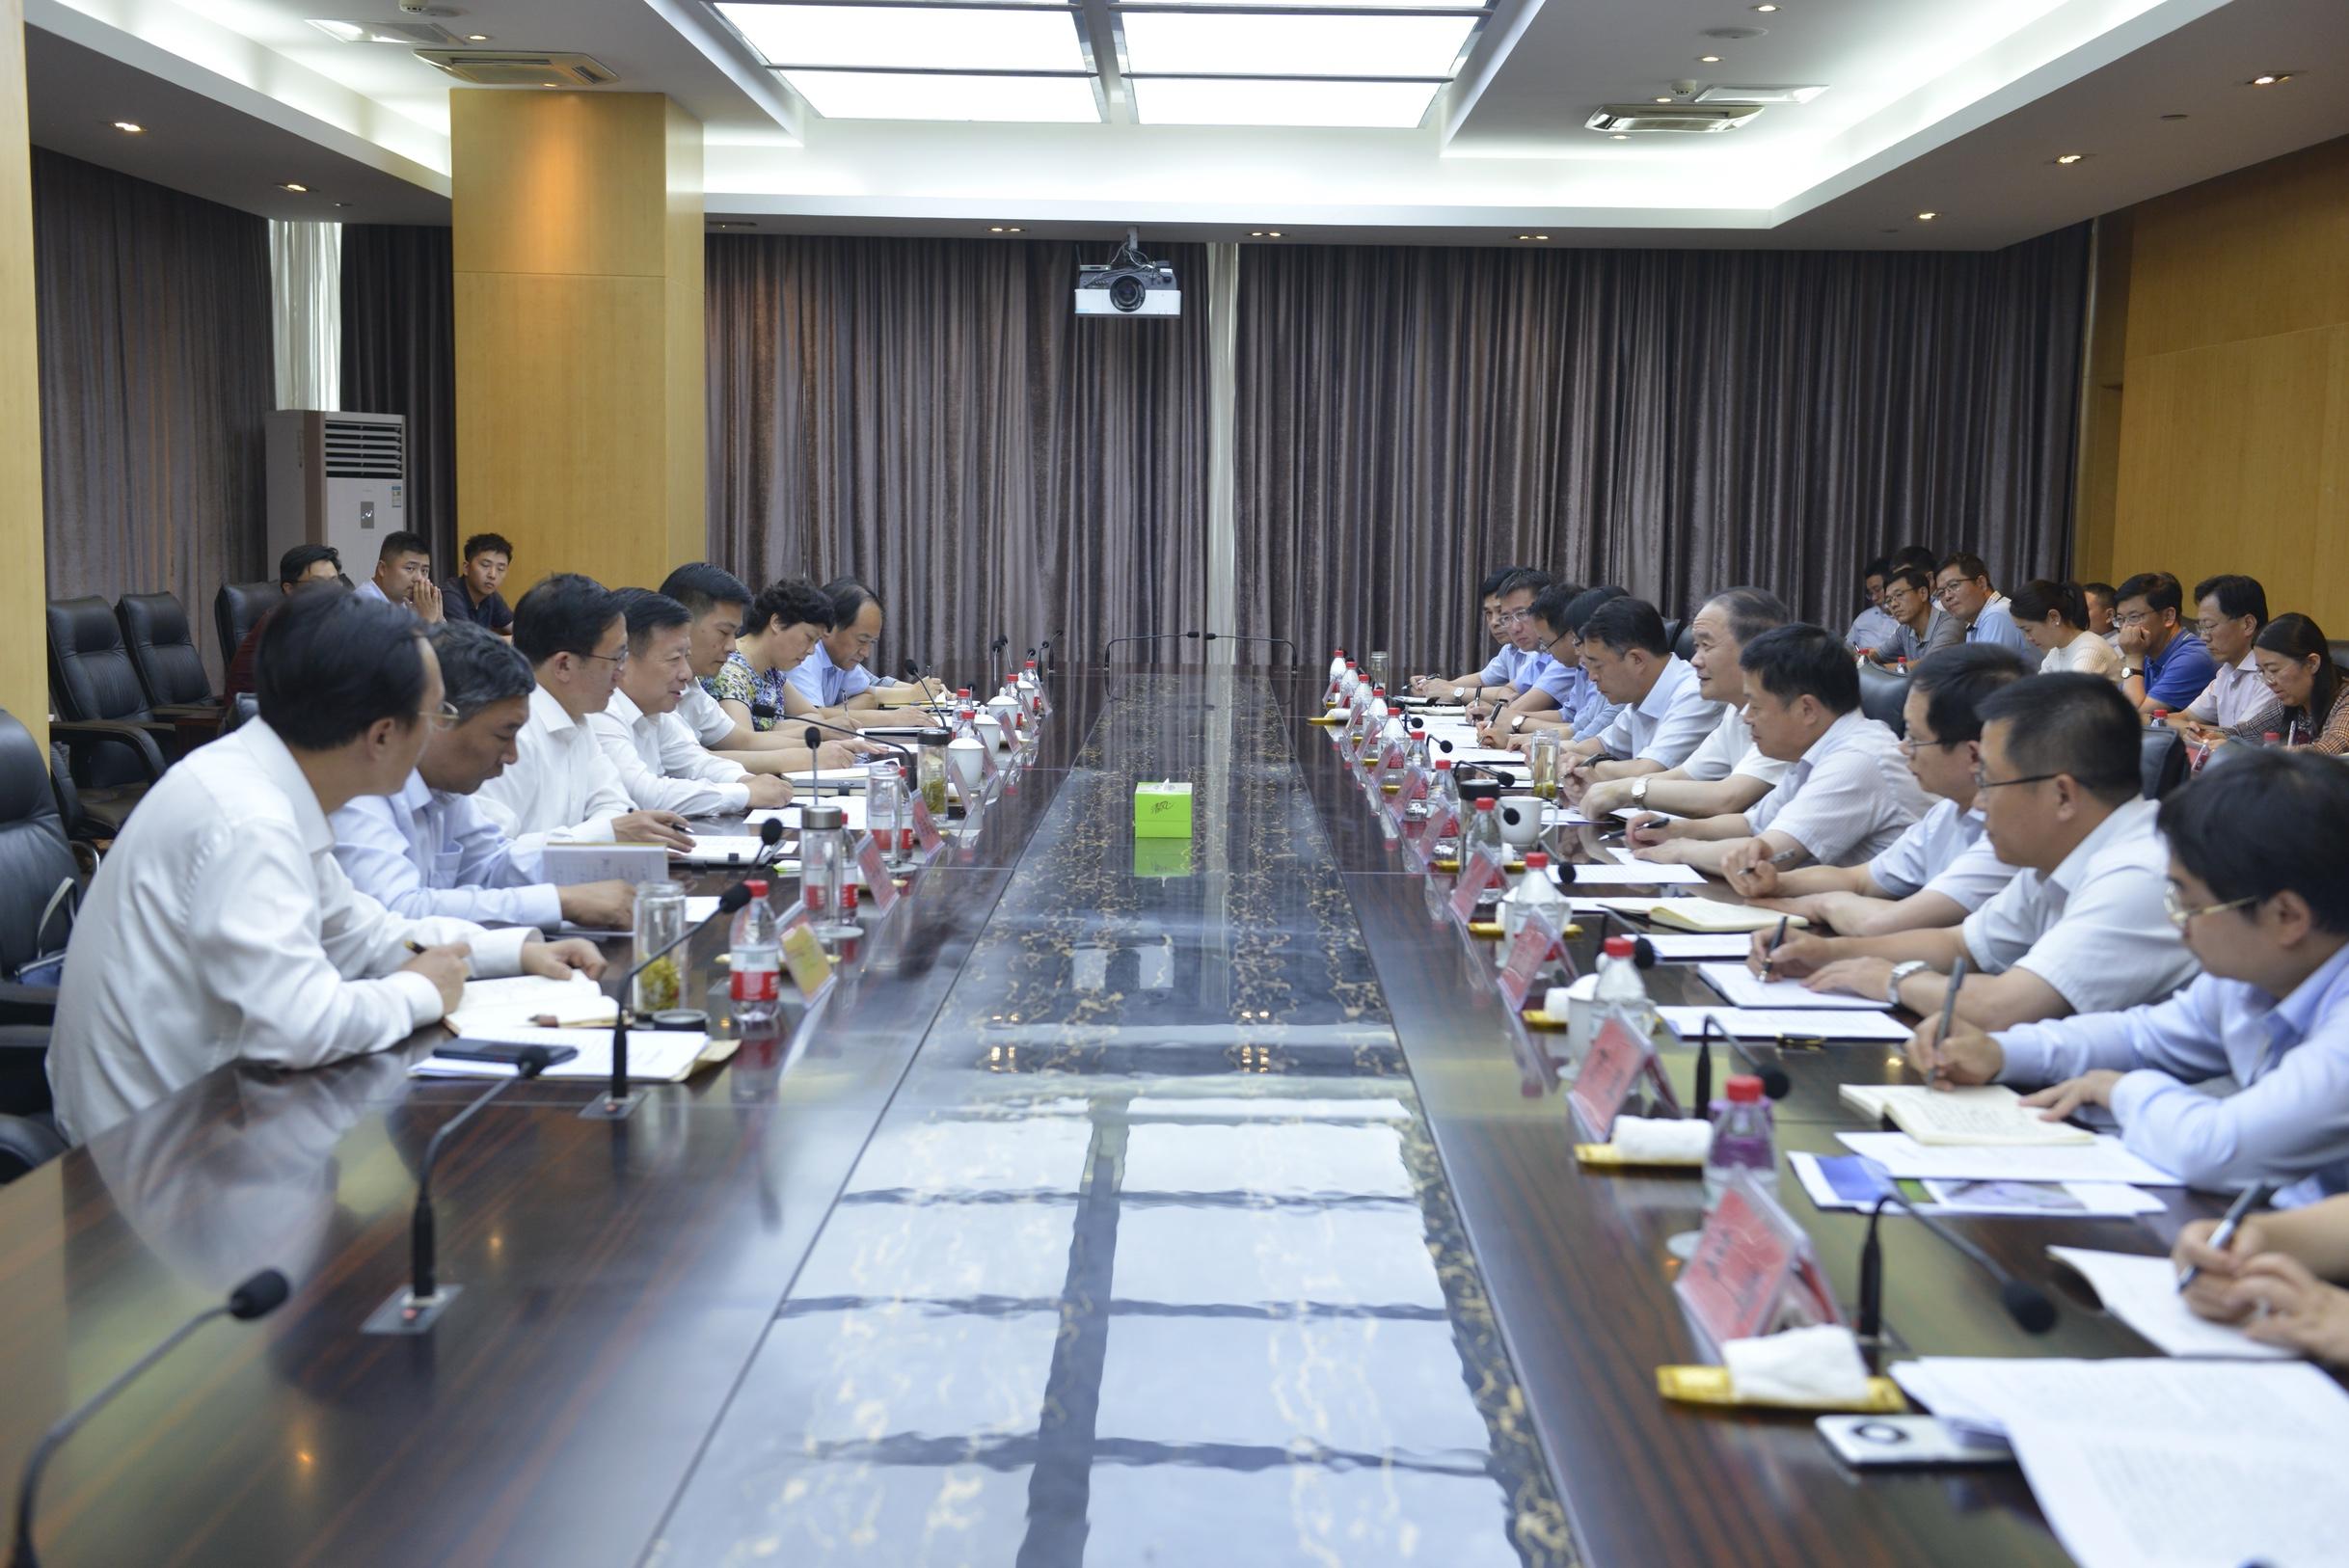 方偉在調研推進中華藥港建設工作時強調振奮精神 合力攻堅    加快建設國內一流世界知名的中華藥港